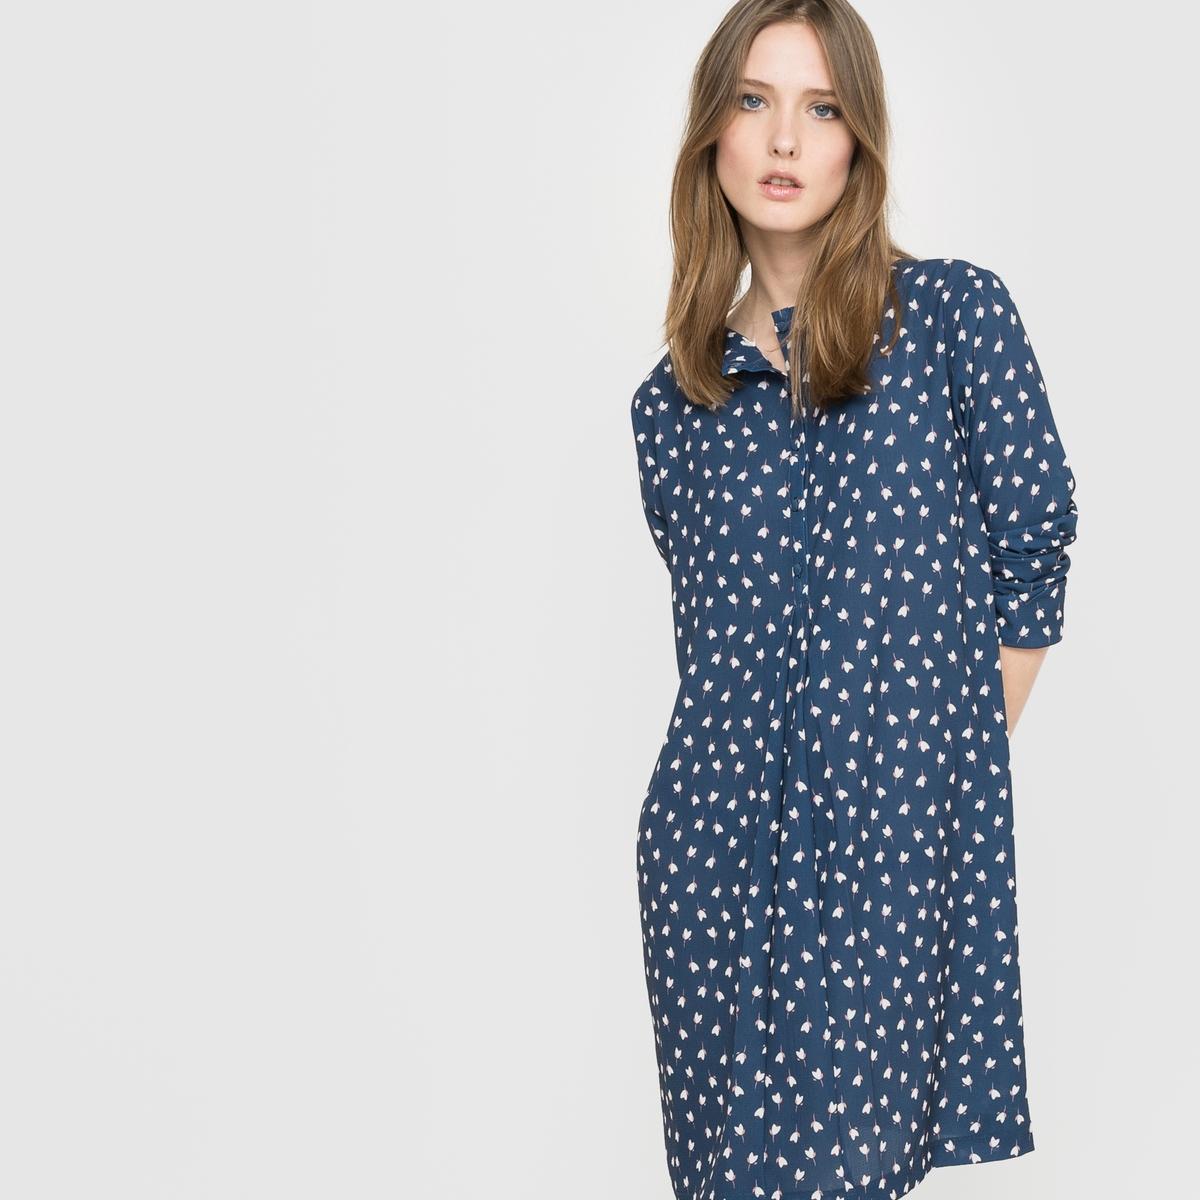 Платье-футляр с рисунком, сделано во Франции платье футляр с рисунком rustica